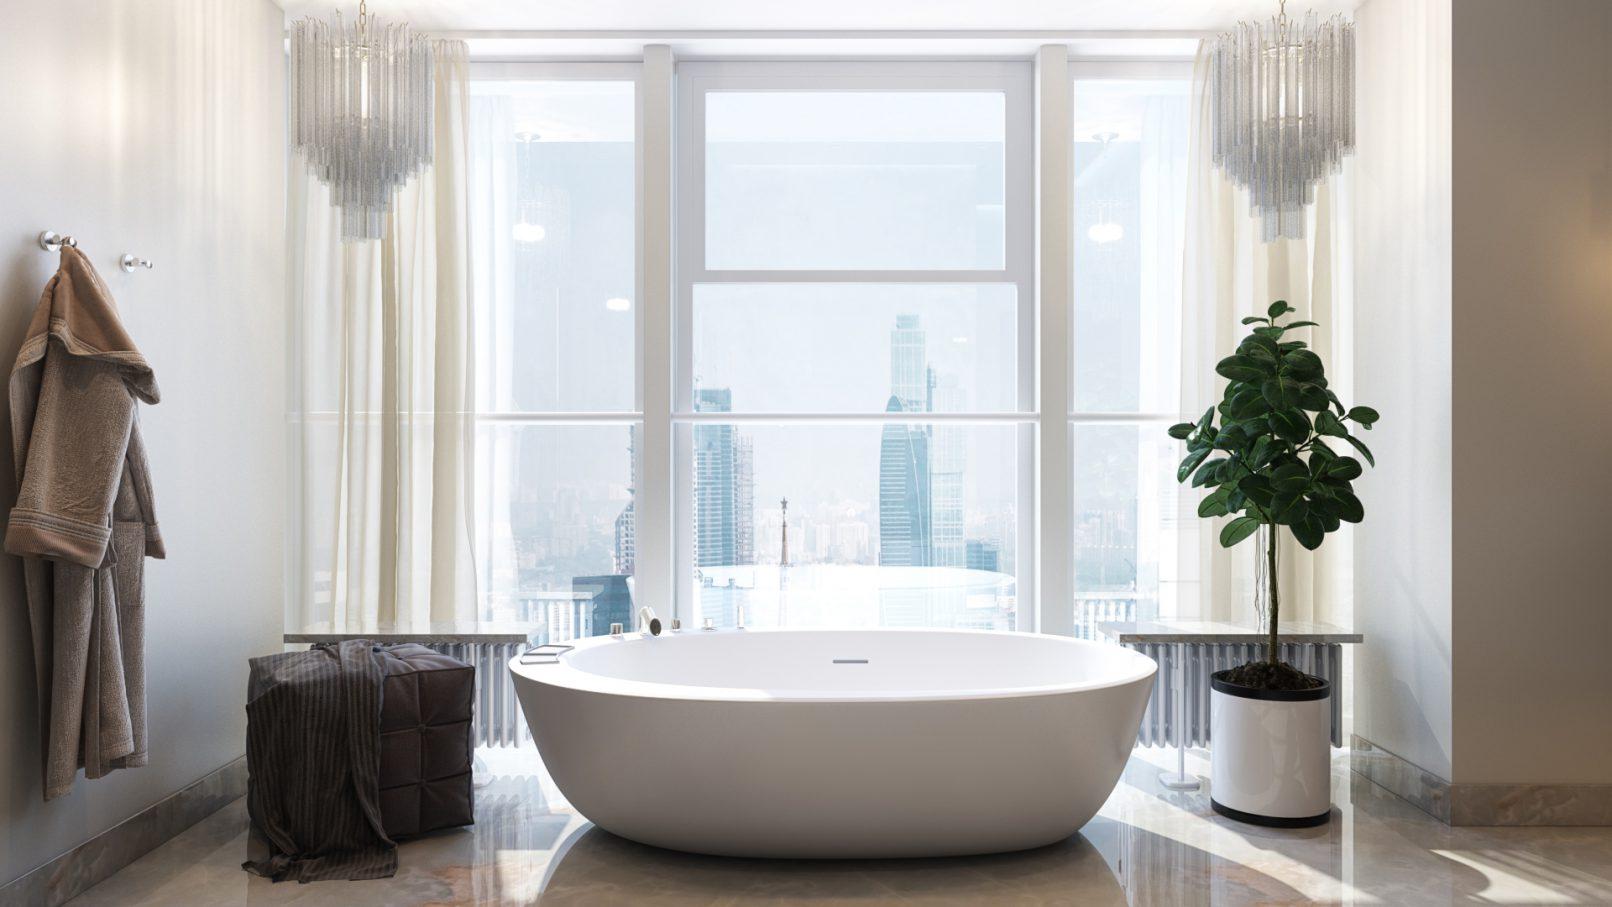 Овальная ванна в интерьере квартиры